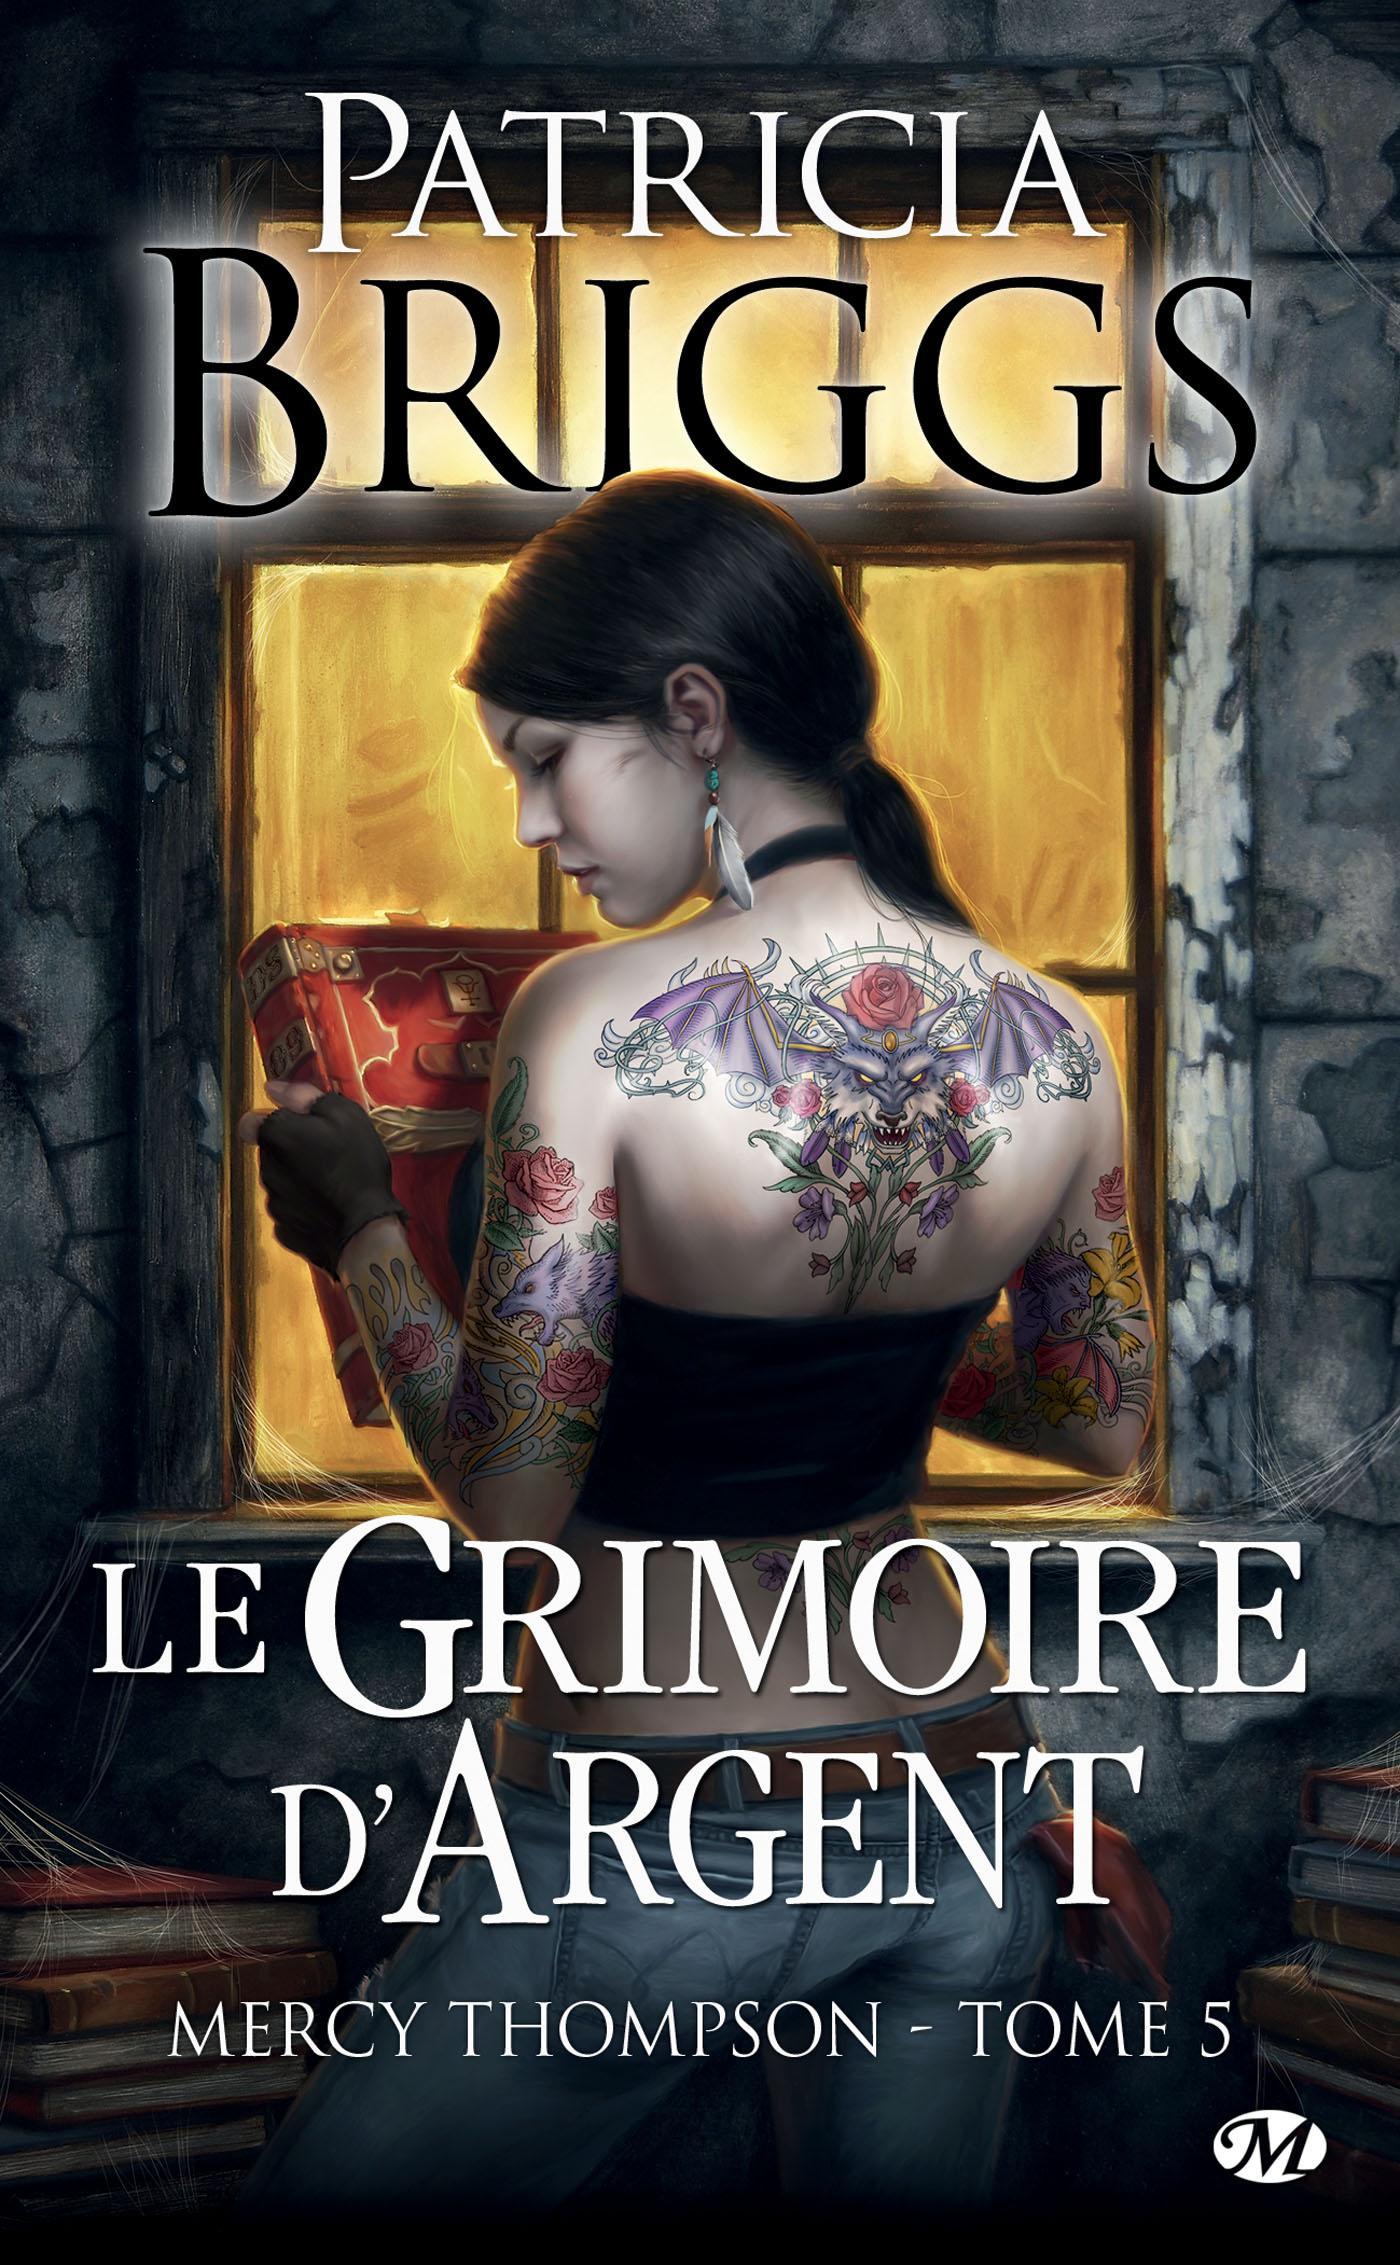 Le Grimoire d'Argent, MERCY THOMPSON, T5